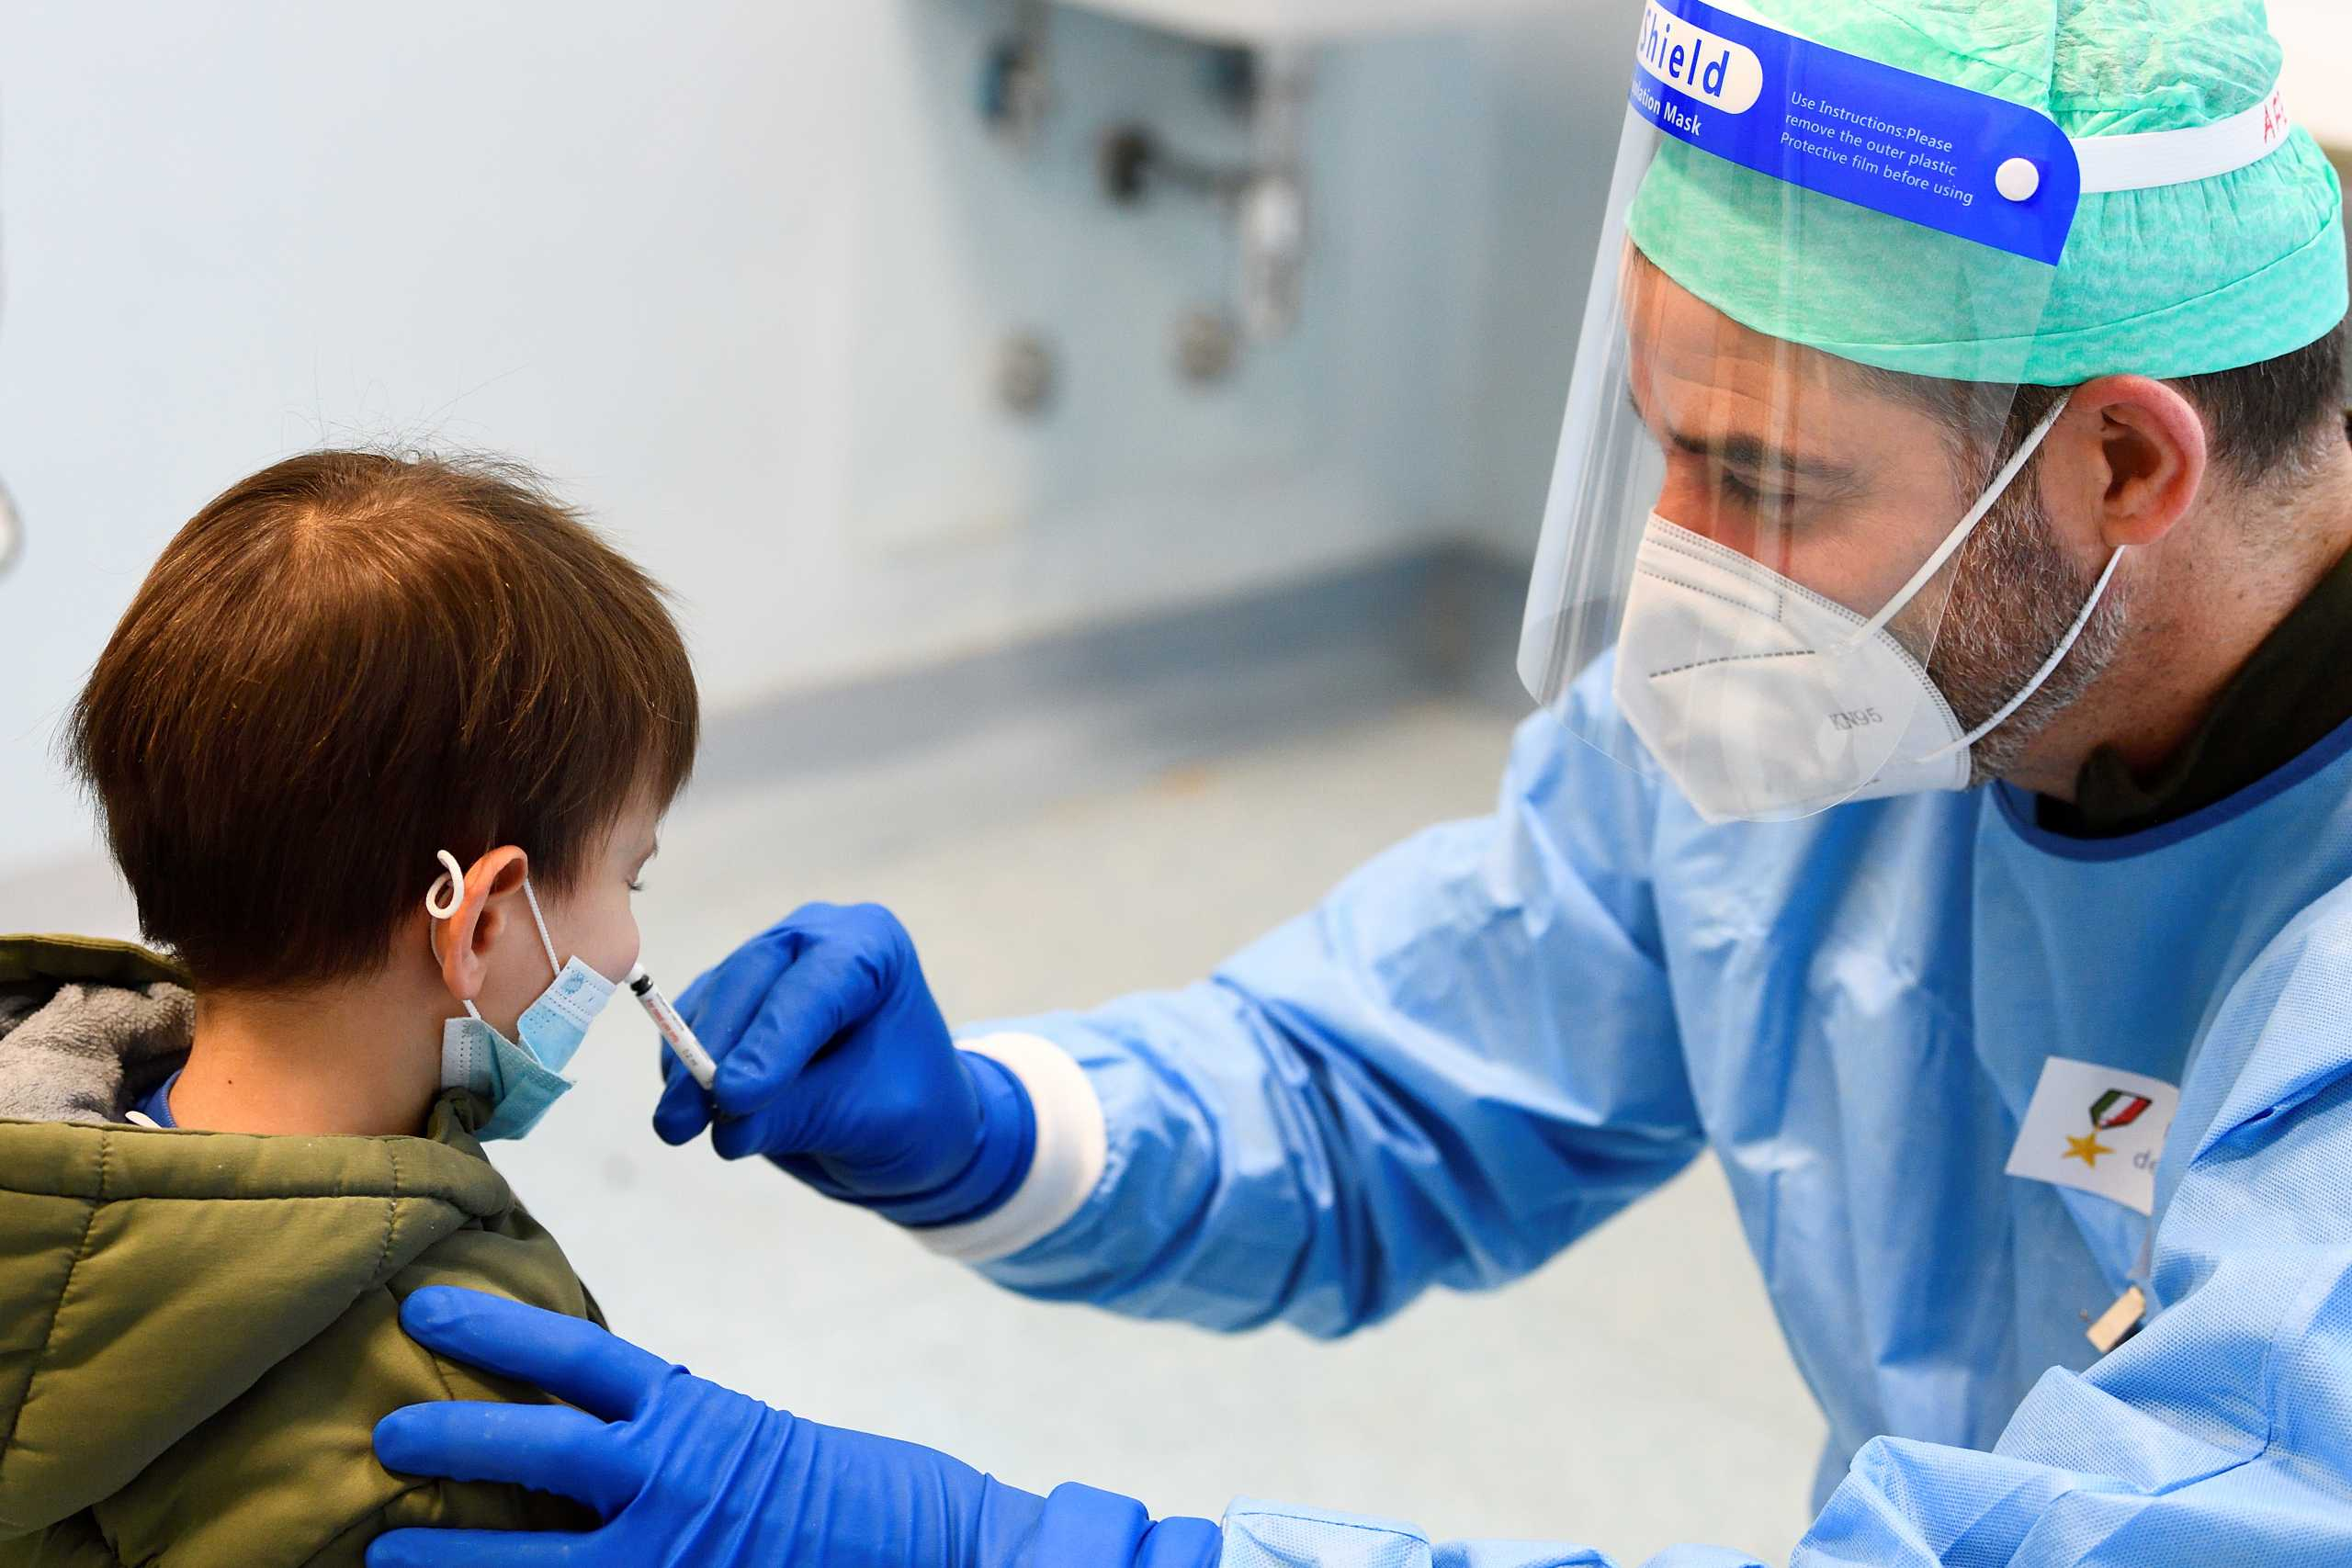 Κορονοϊός: Η ρεδμεσιβίρη αποτελεσματική και στα παιδιά με σοβαρή Covid-19